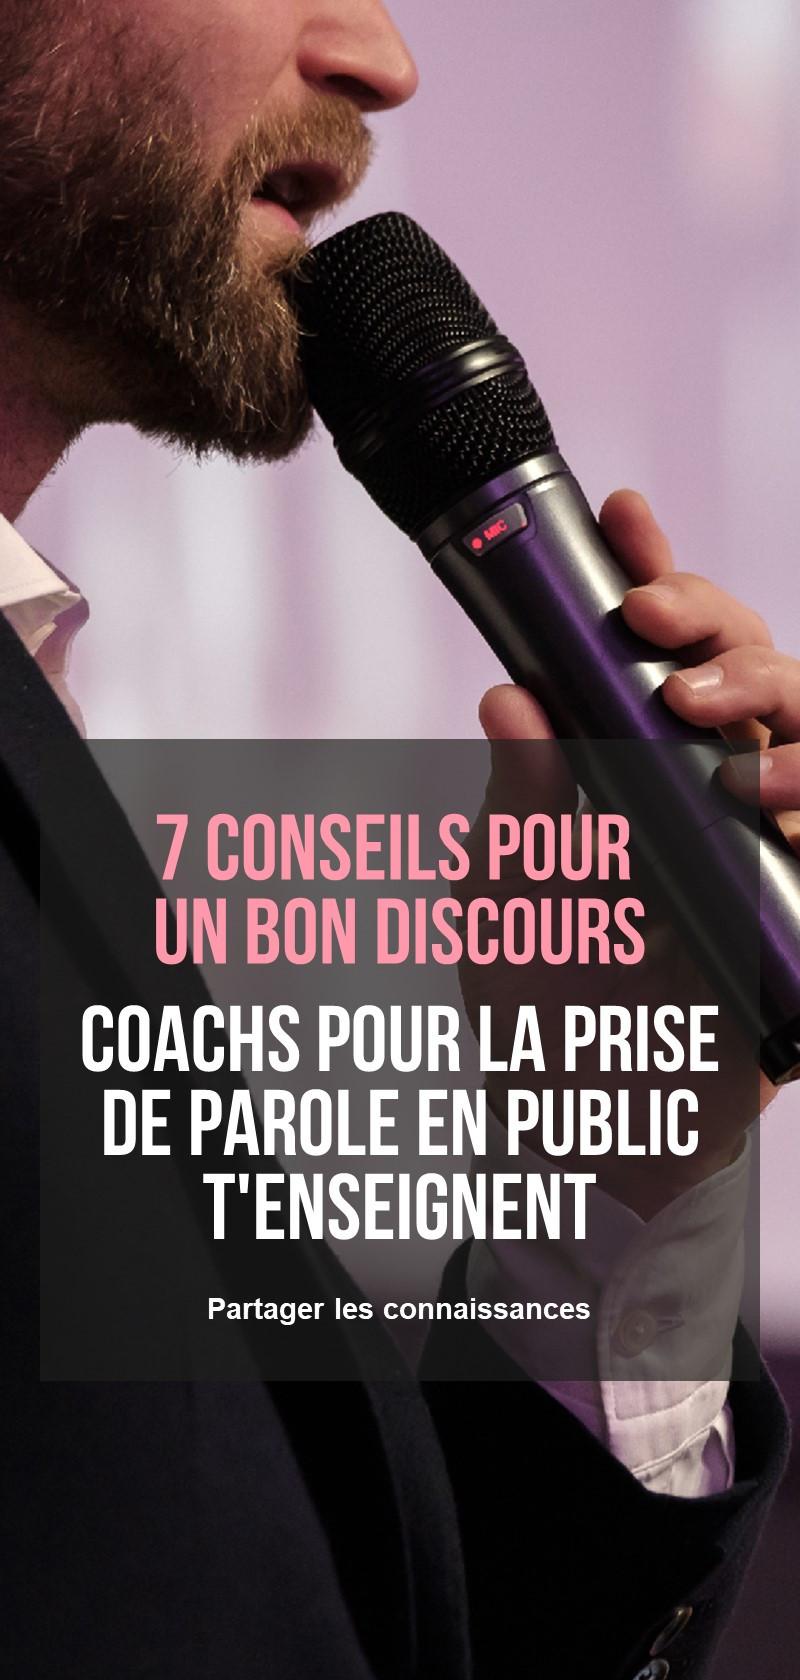 Coachs pour la prise de parole en public